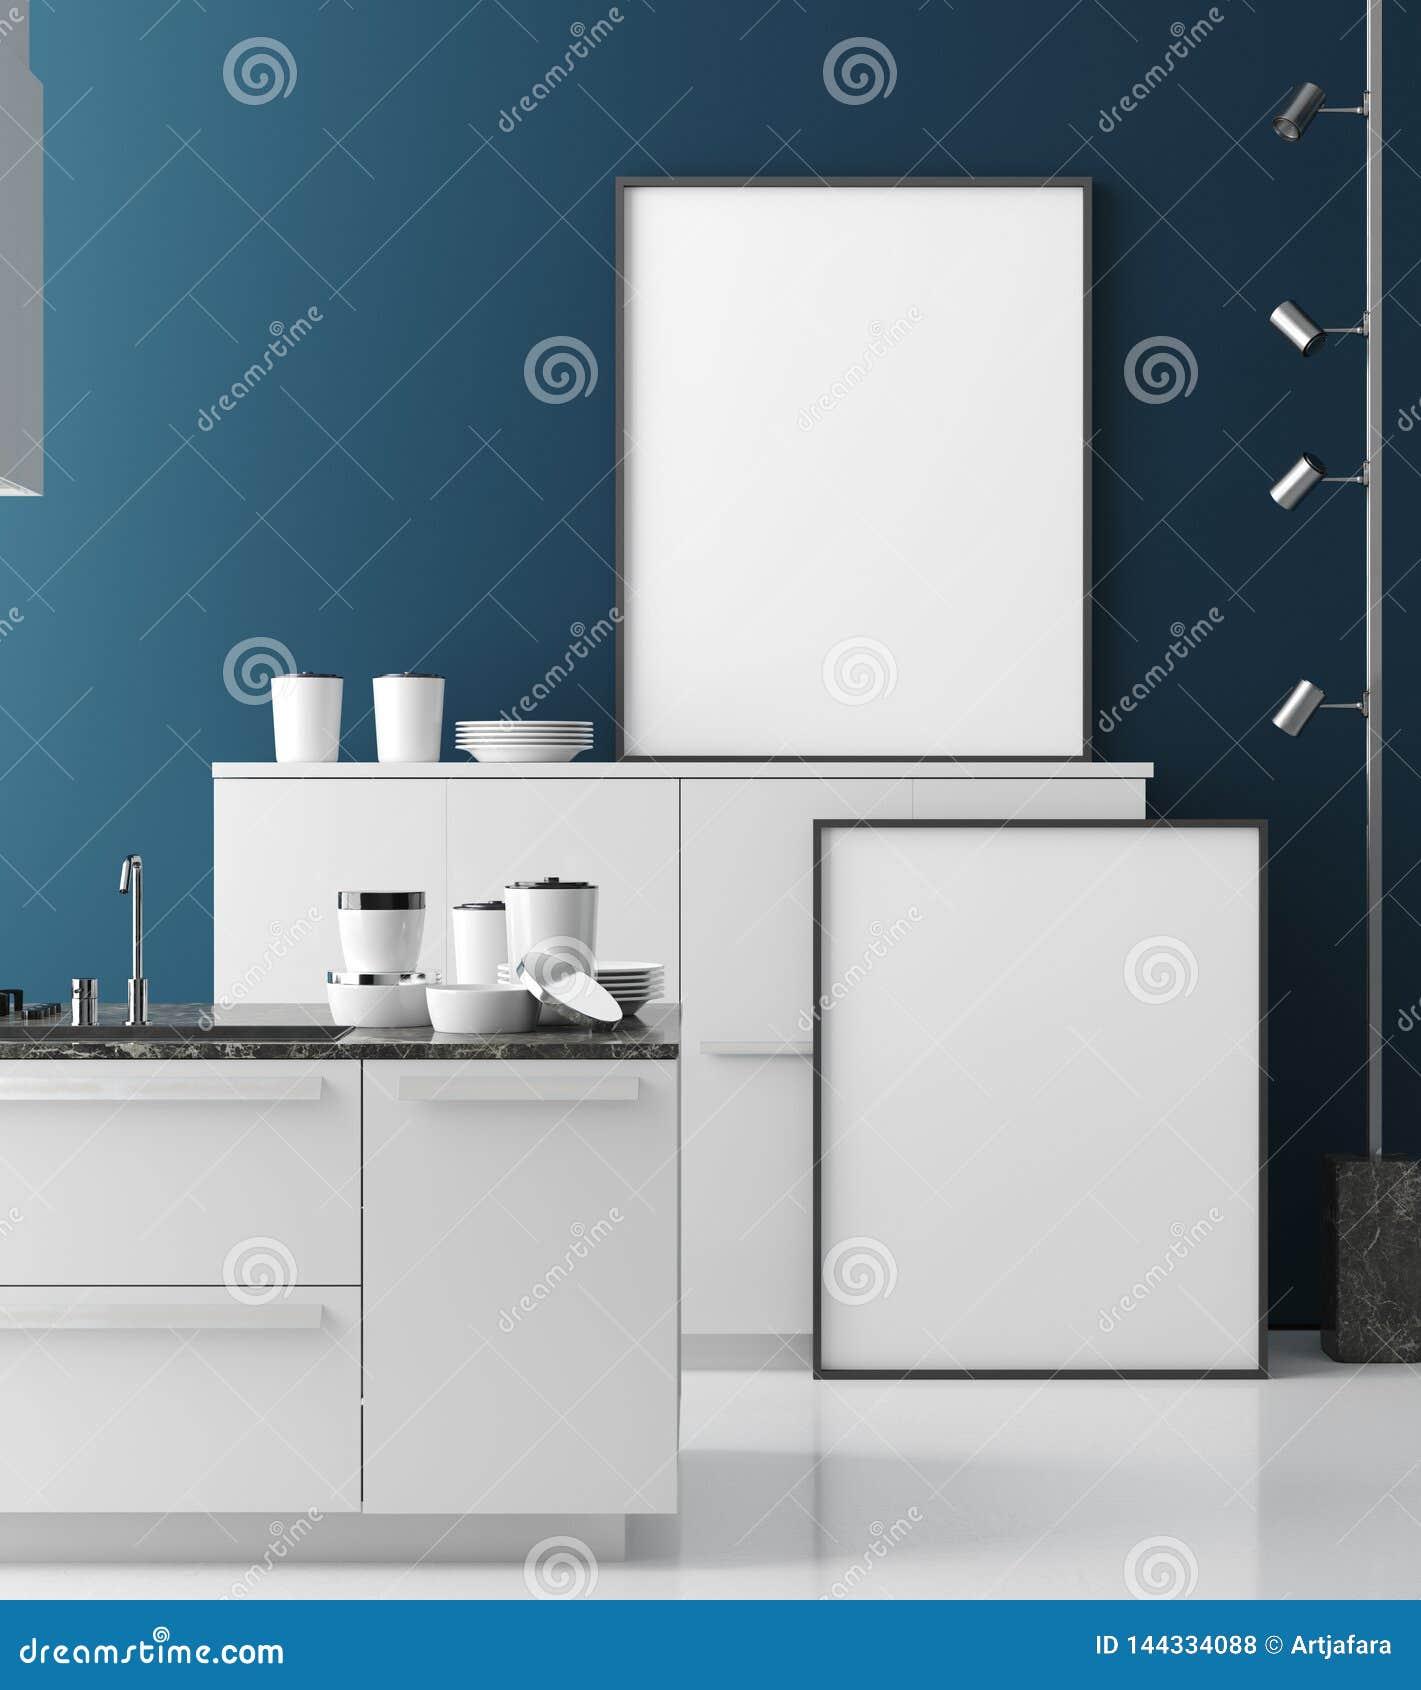 Quadro ascendente trocista do cartaz no interior contemporâneo da cozinha, estilo moderno